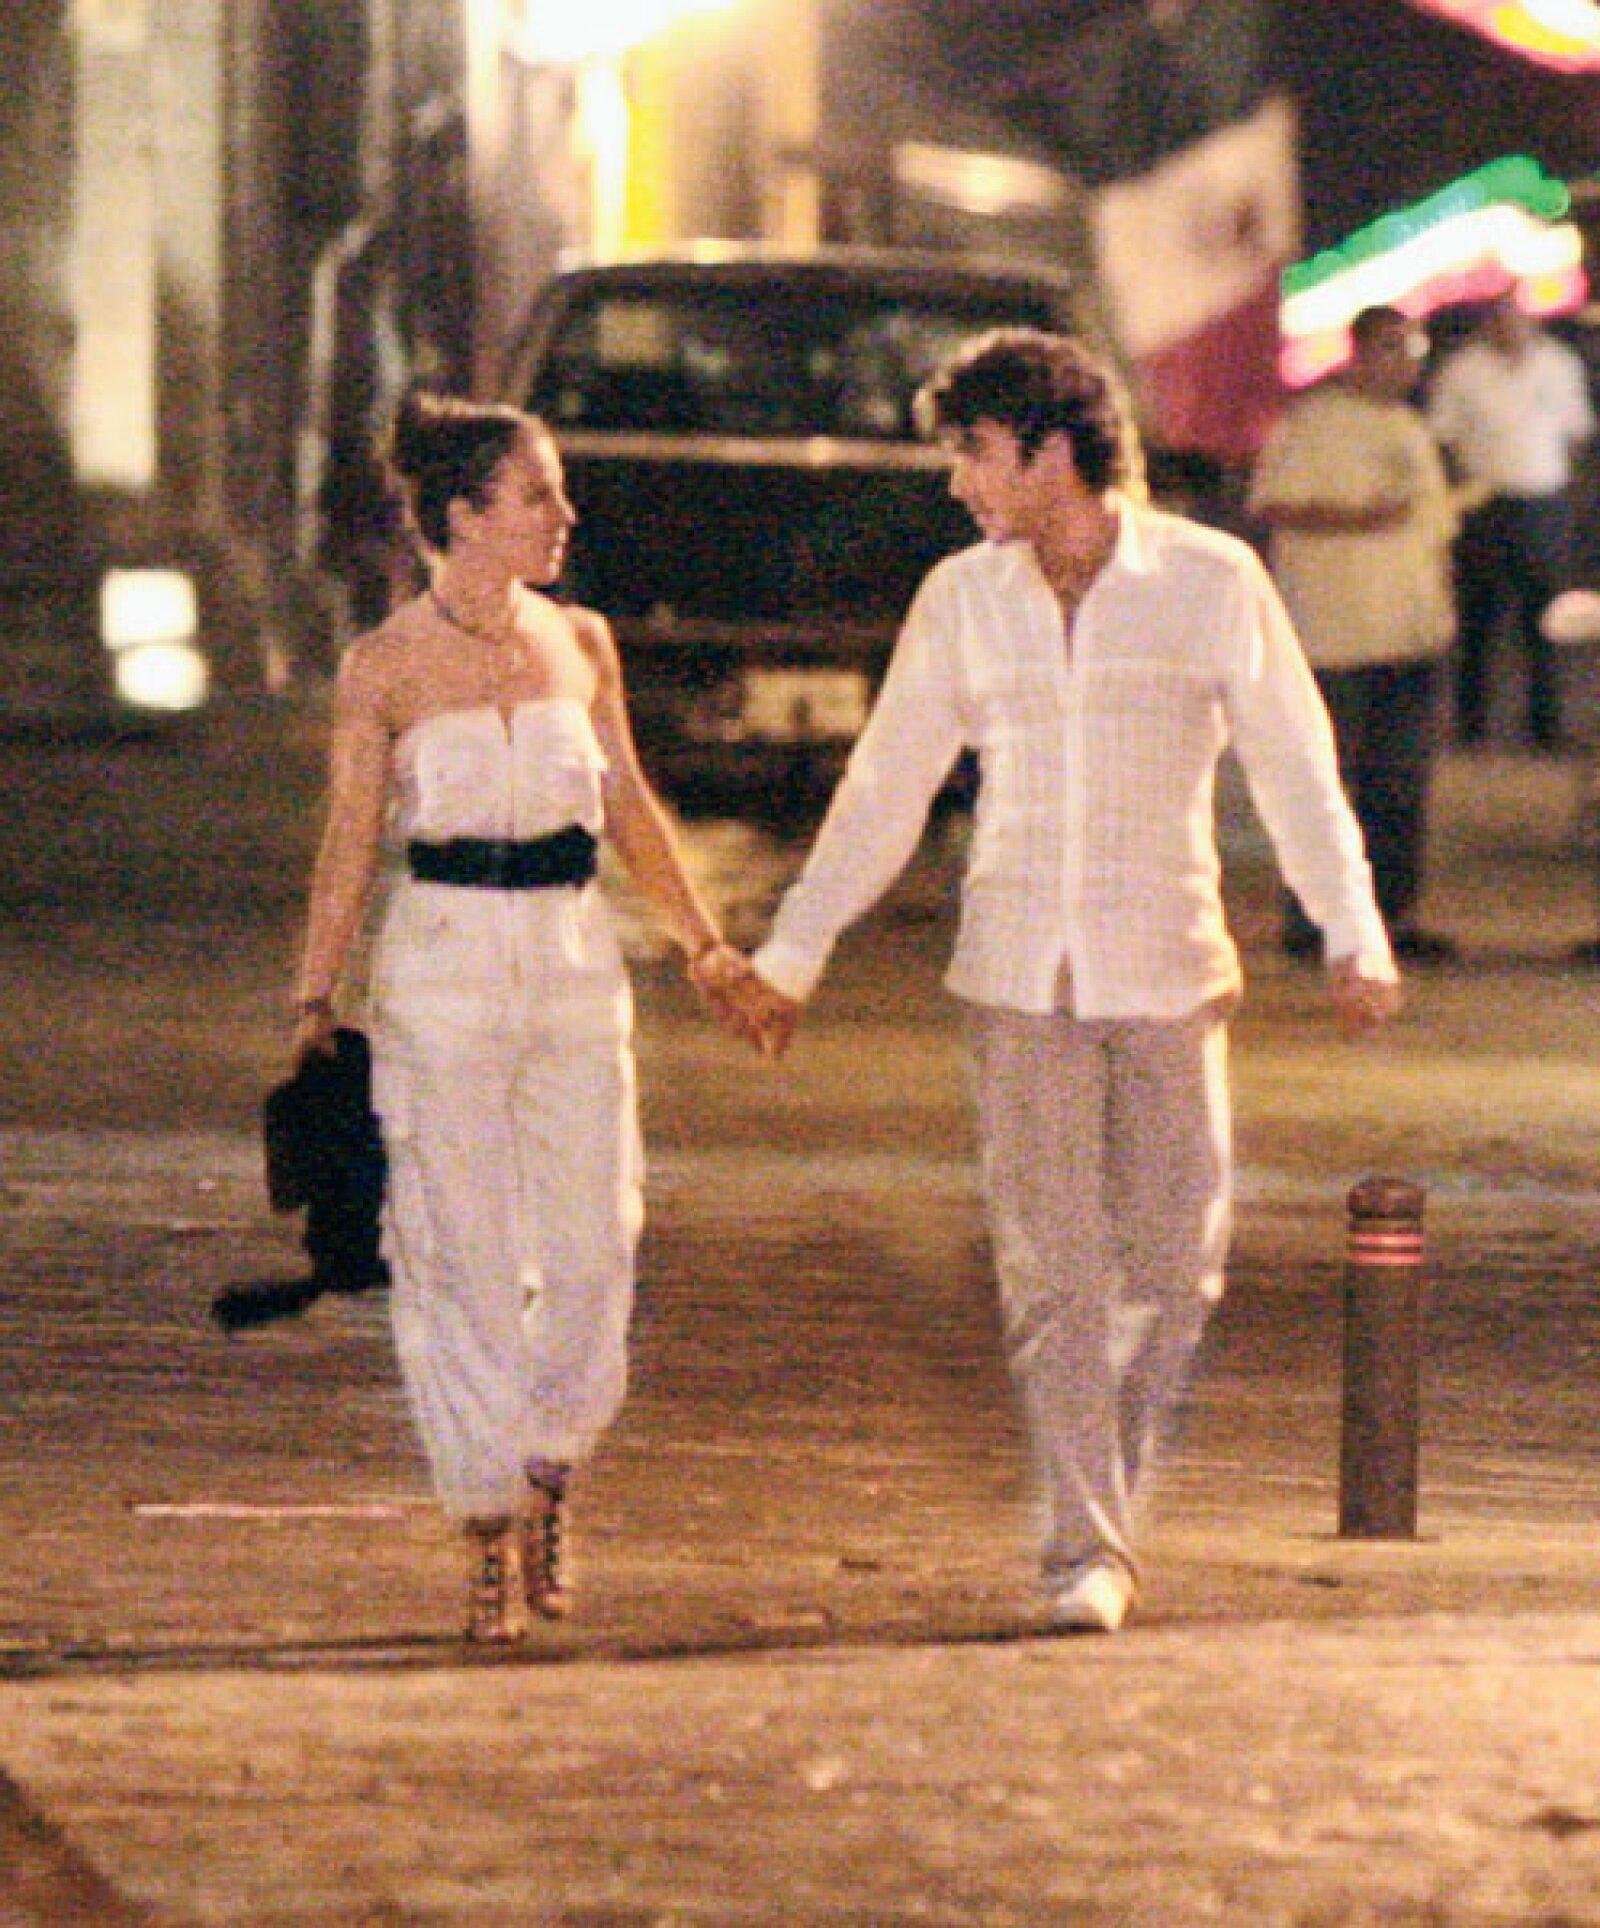 Y en septiembre de ese mismo año, la popular pareja decidió realizar un segundo enlace matrimonial.